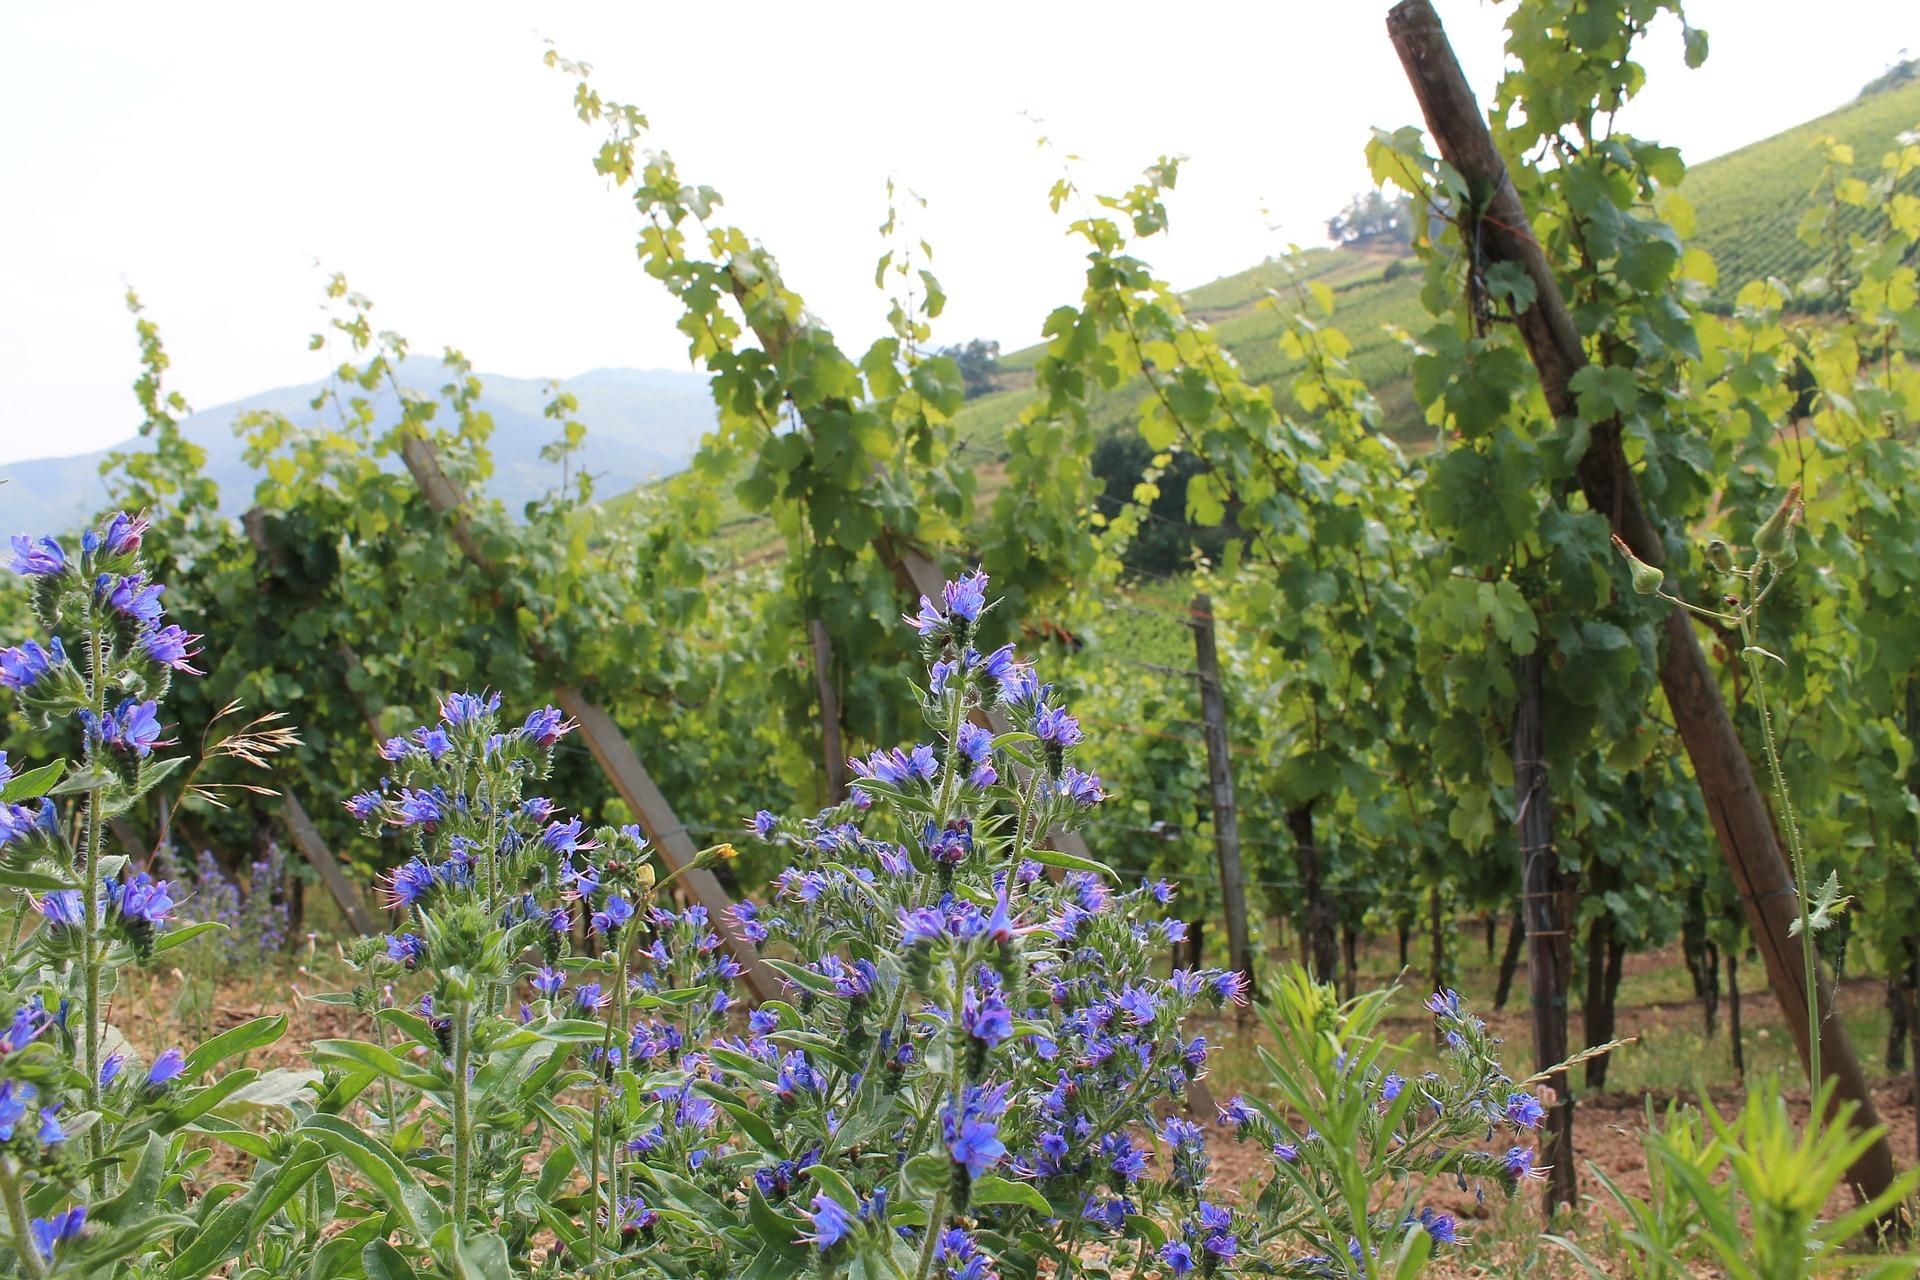 Alsace vinstokke